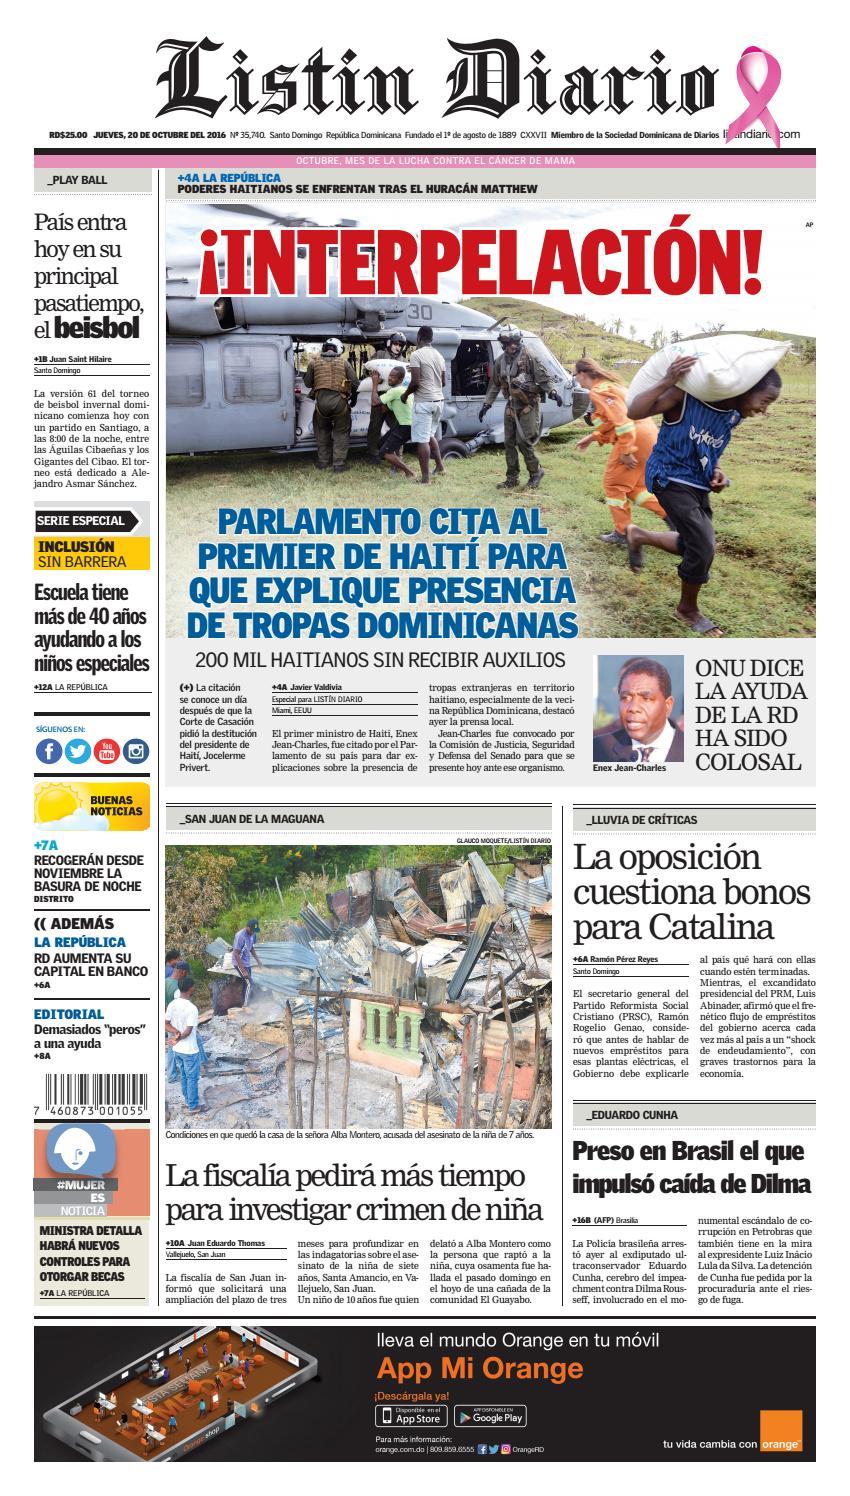 31c705f16a LD 20102016 by Listín Diario - issuu